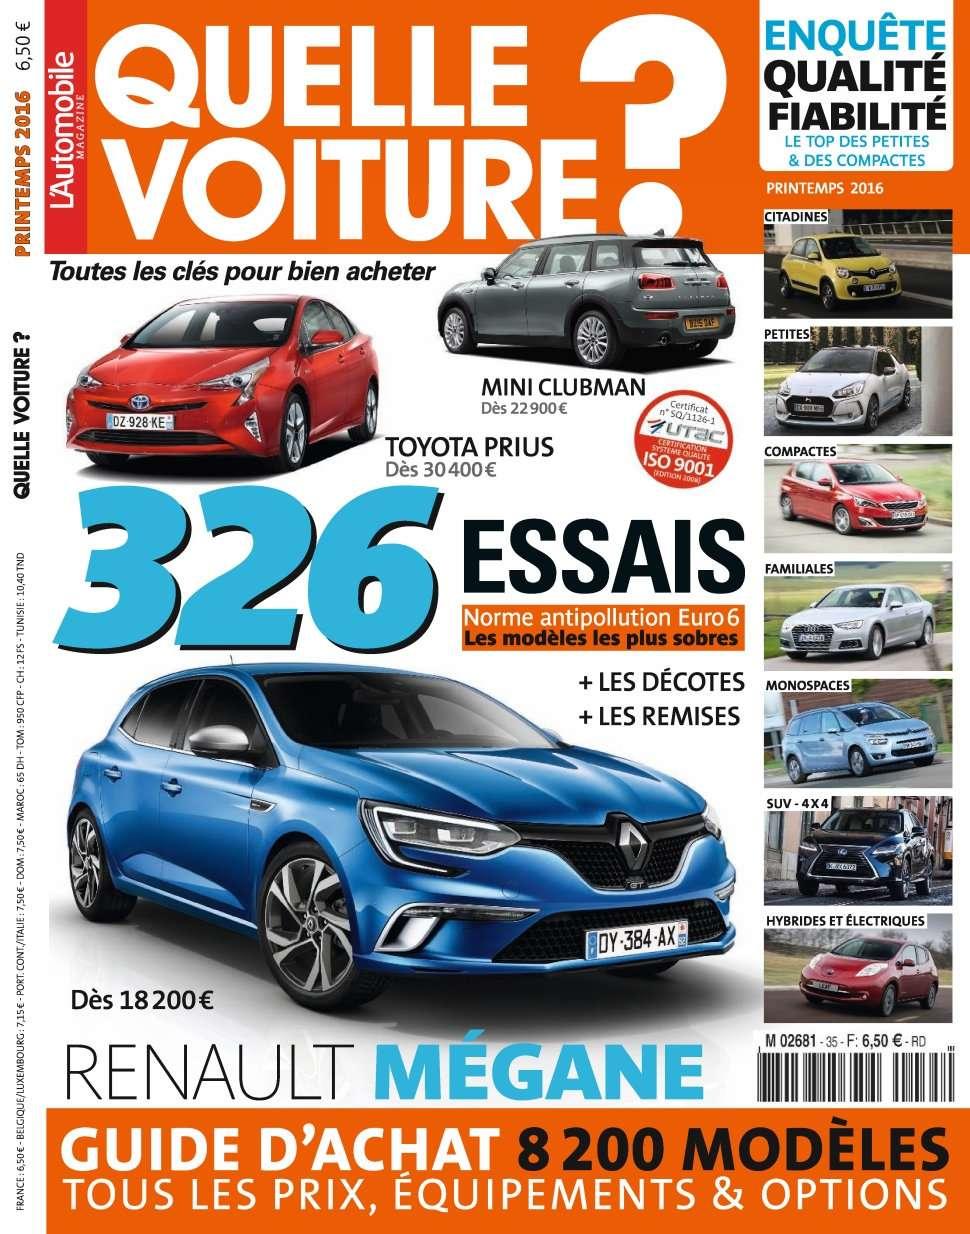 L'Automobile magazine Hors-Série 65 - Printemps 2016